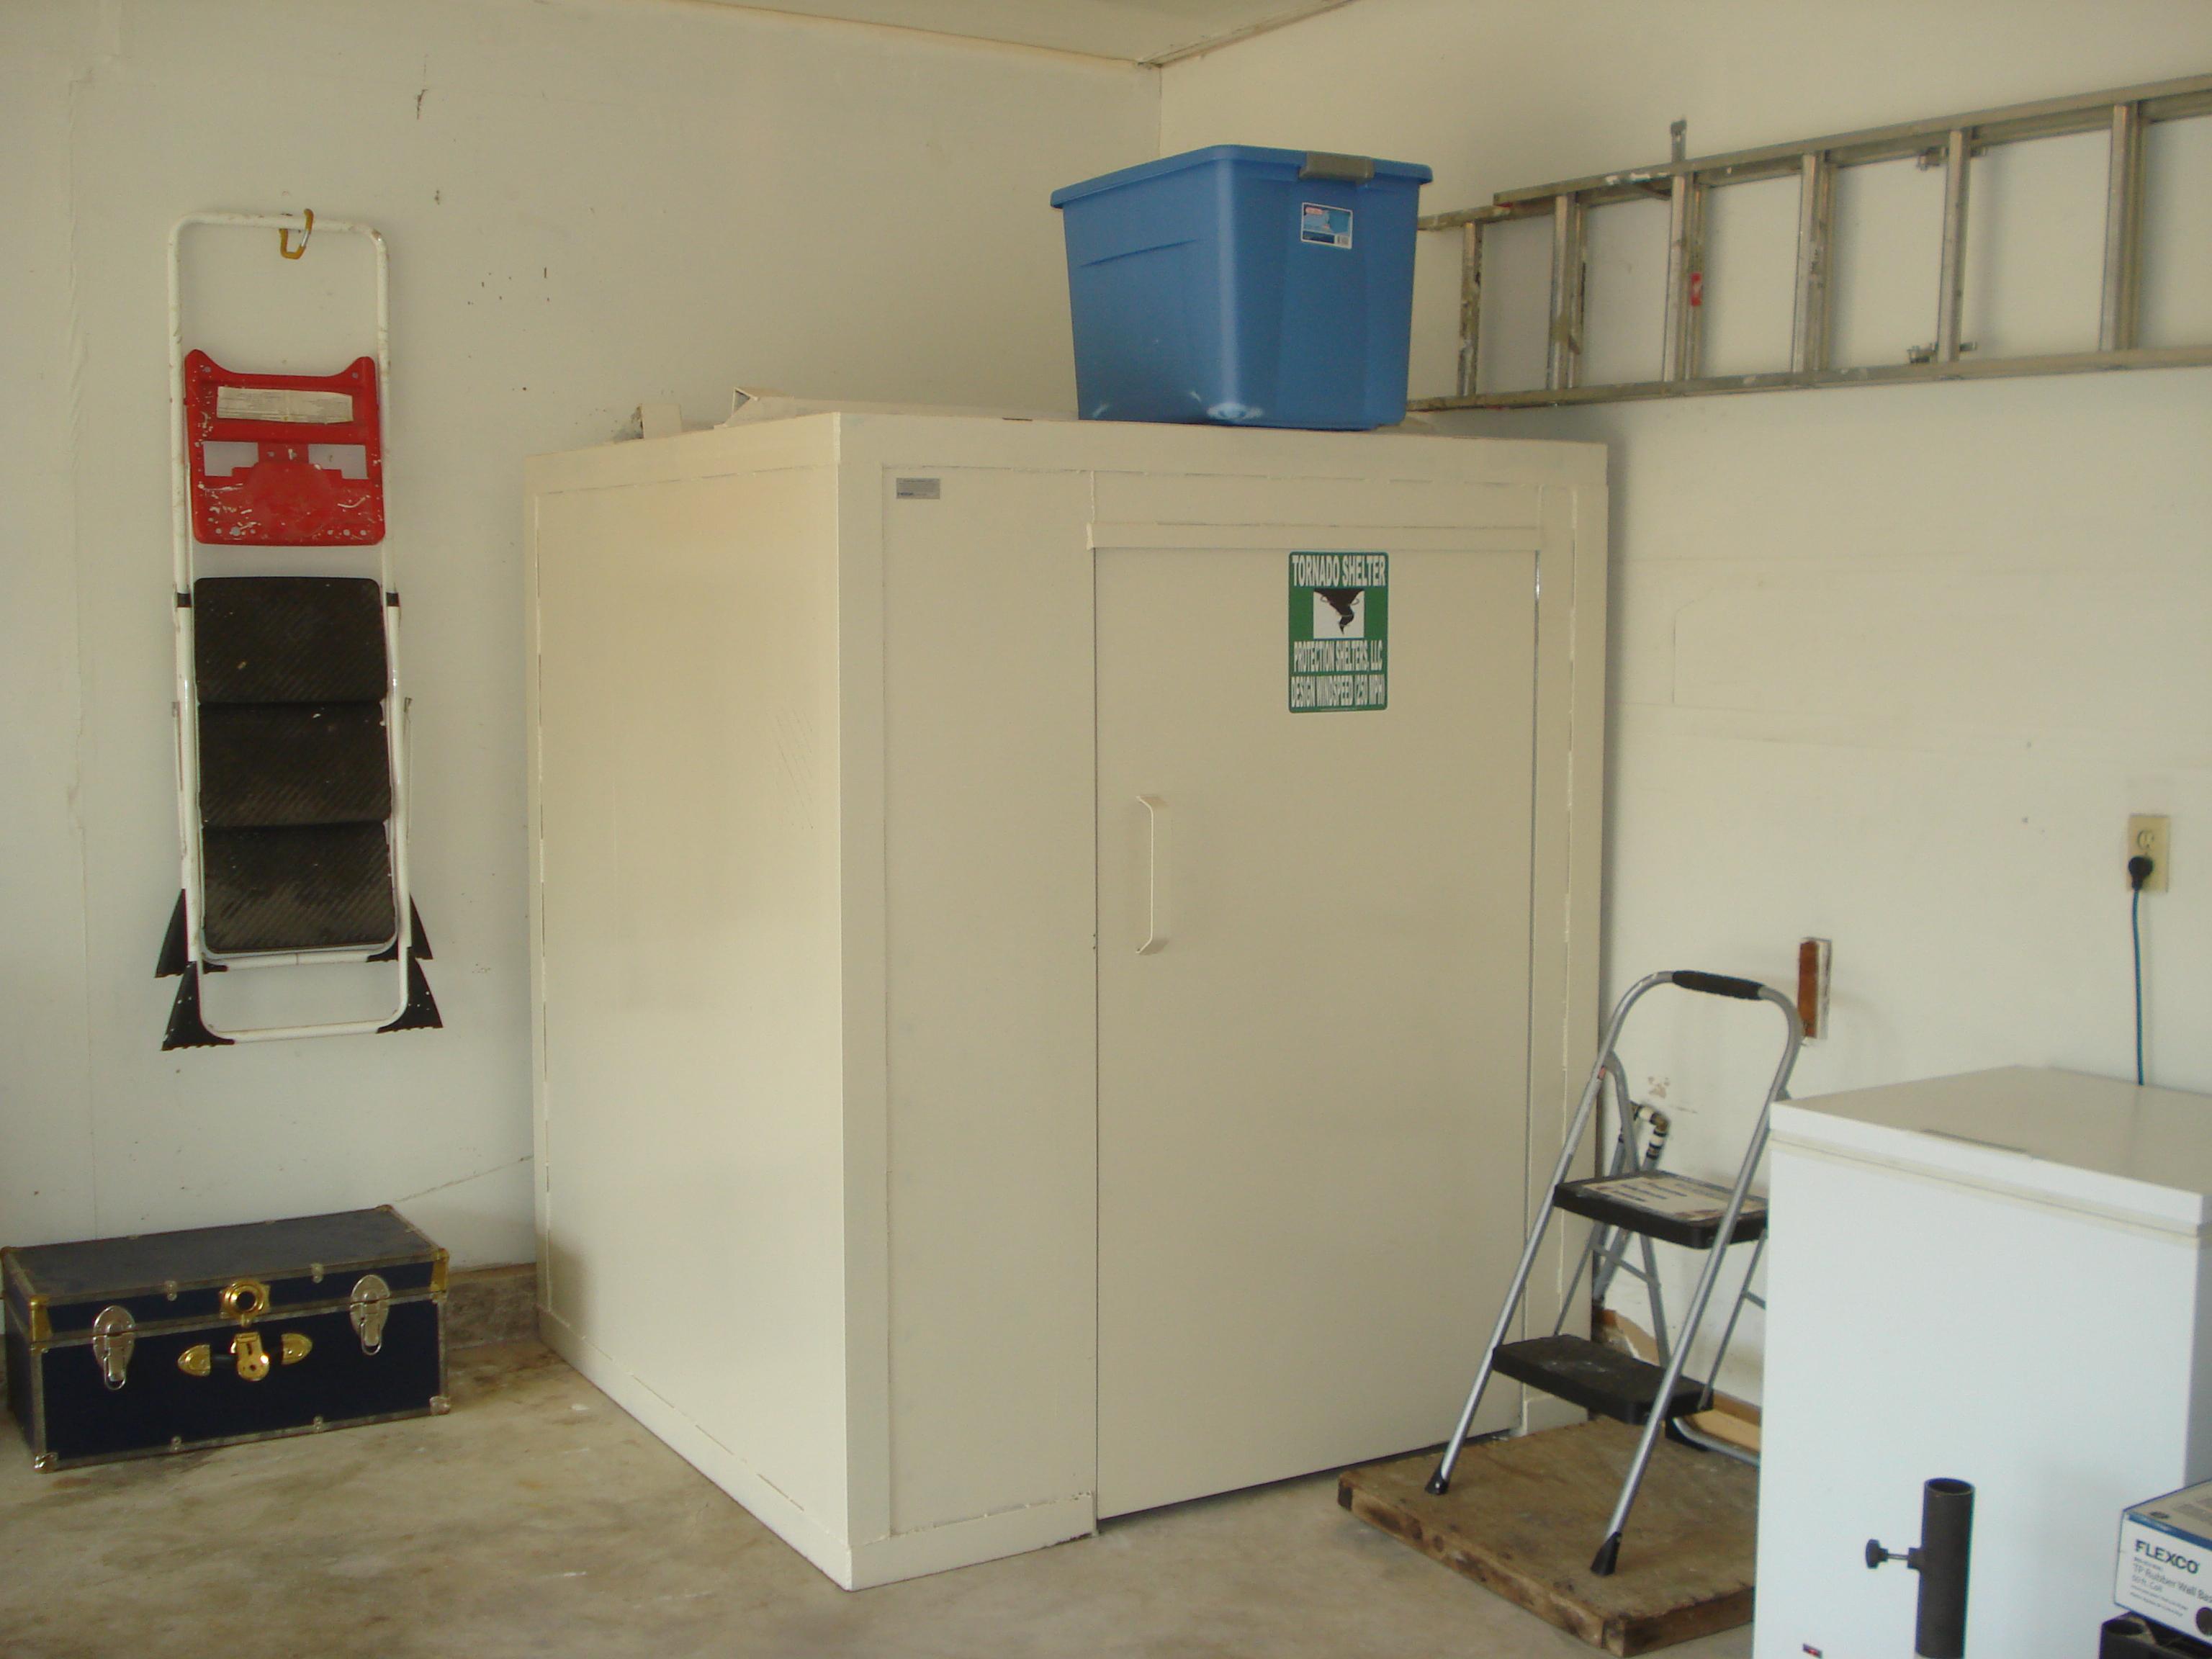 Garage Storm Shelters Bing Images